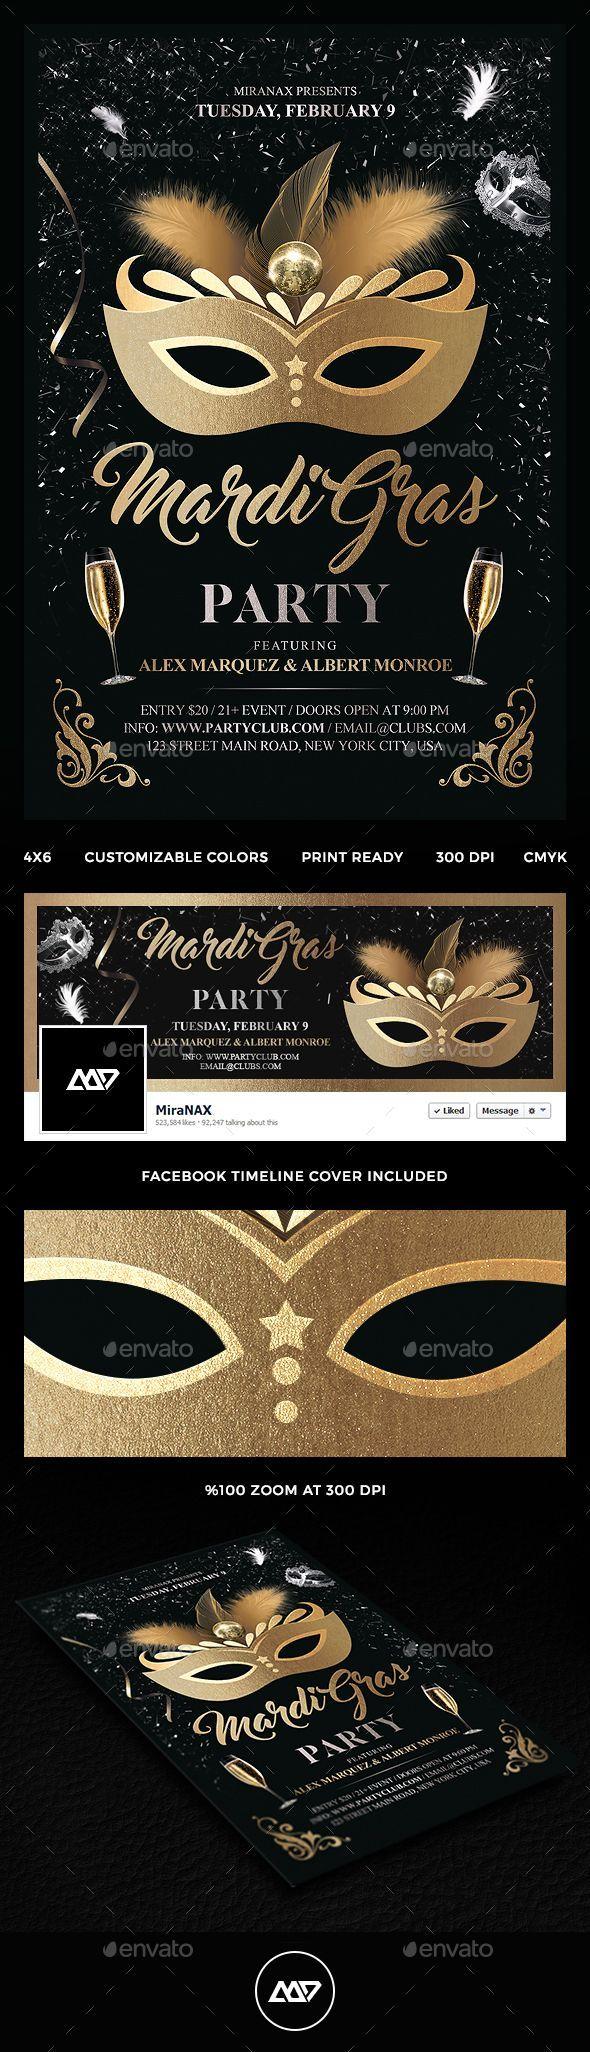 Mardi Gras Party Flyer   Party flyer, Mardi gras and Psd templates